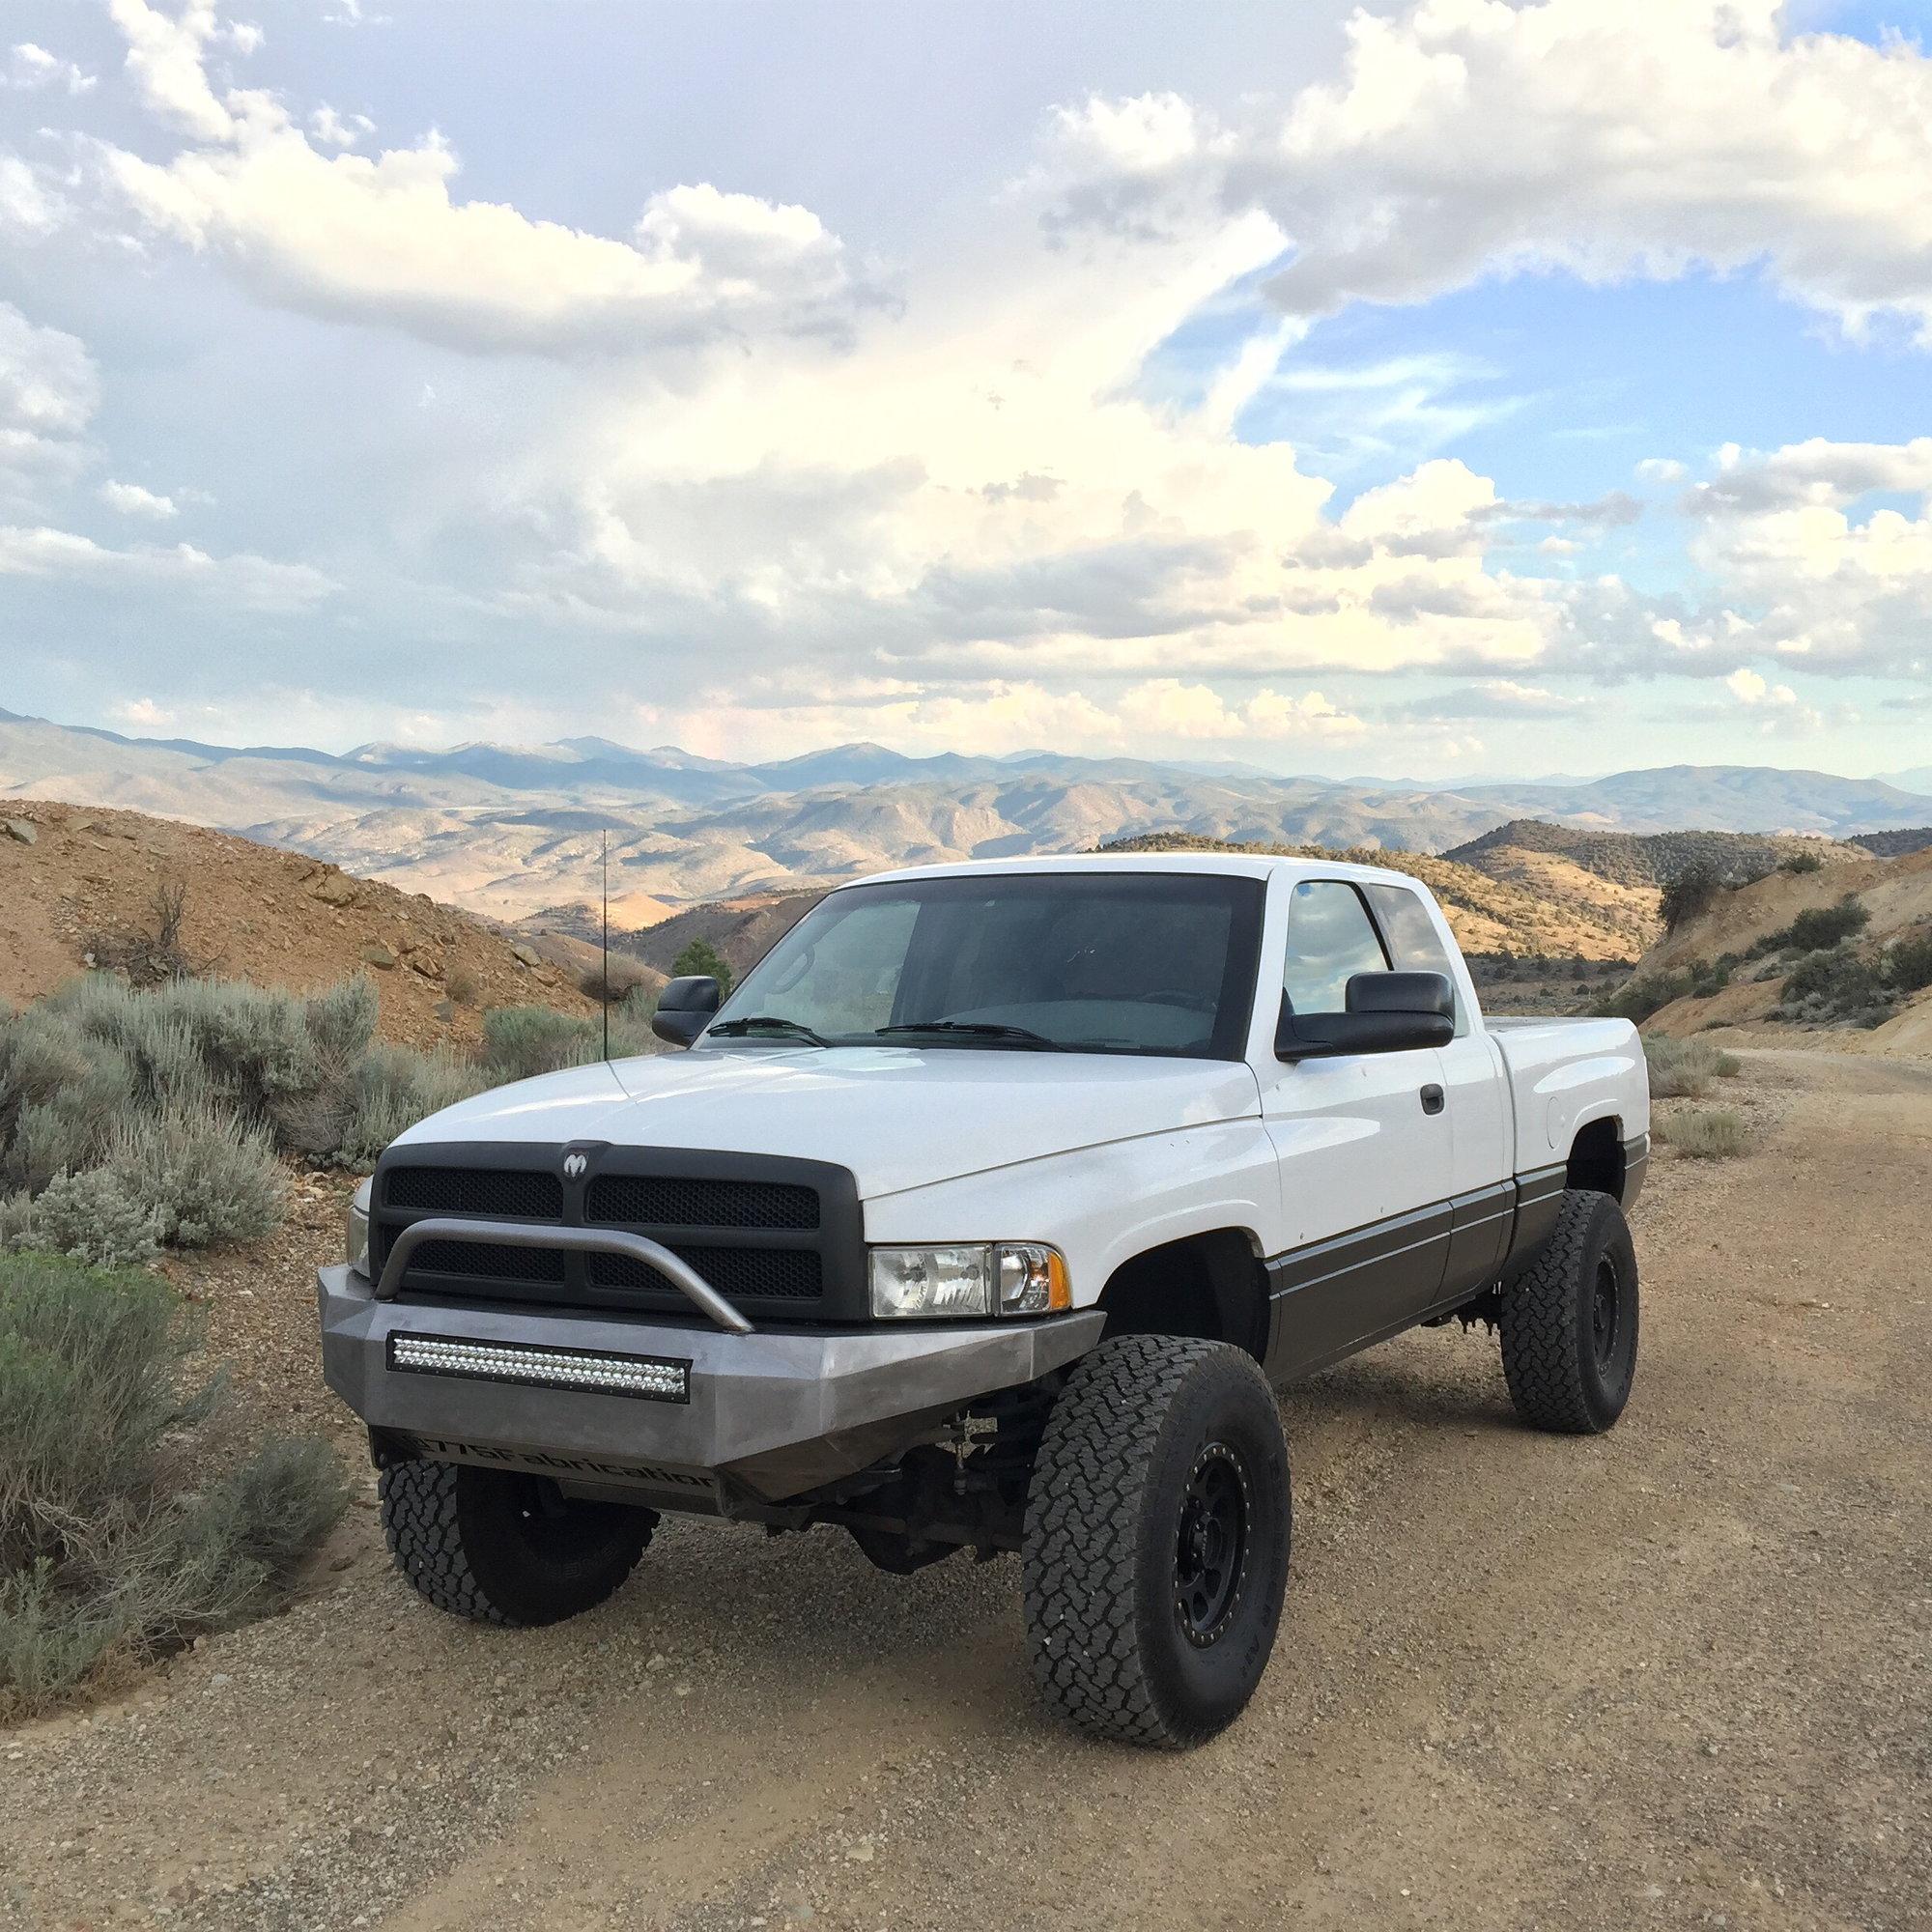 Led Light Bar On 2nd Gen Dodge Diesel Diesel Truck Resource Forums